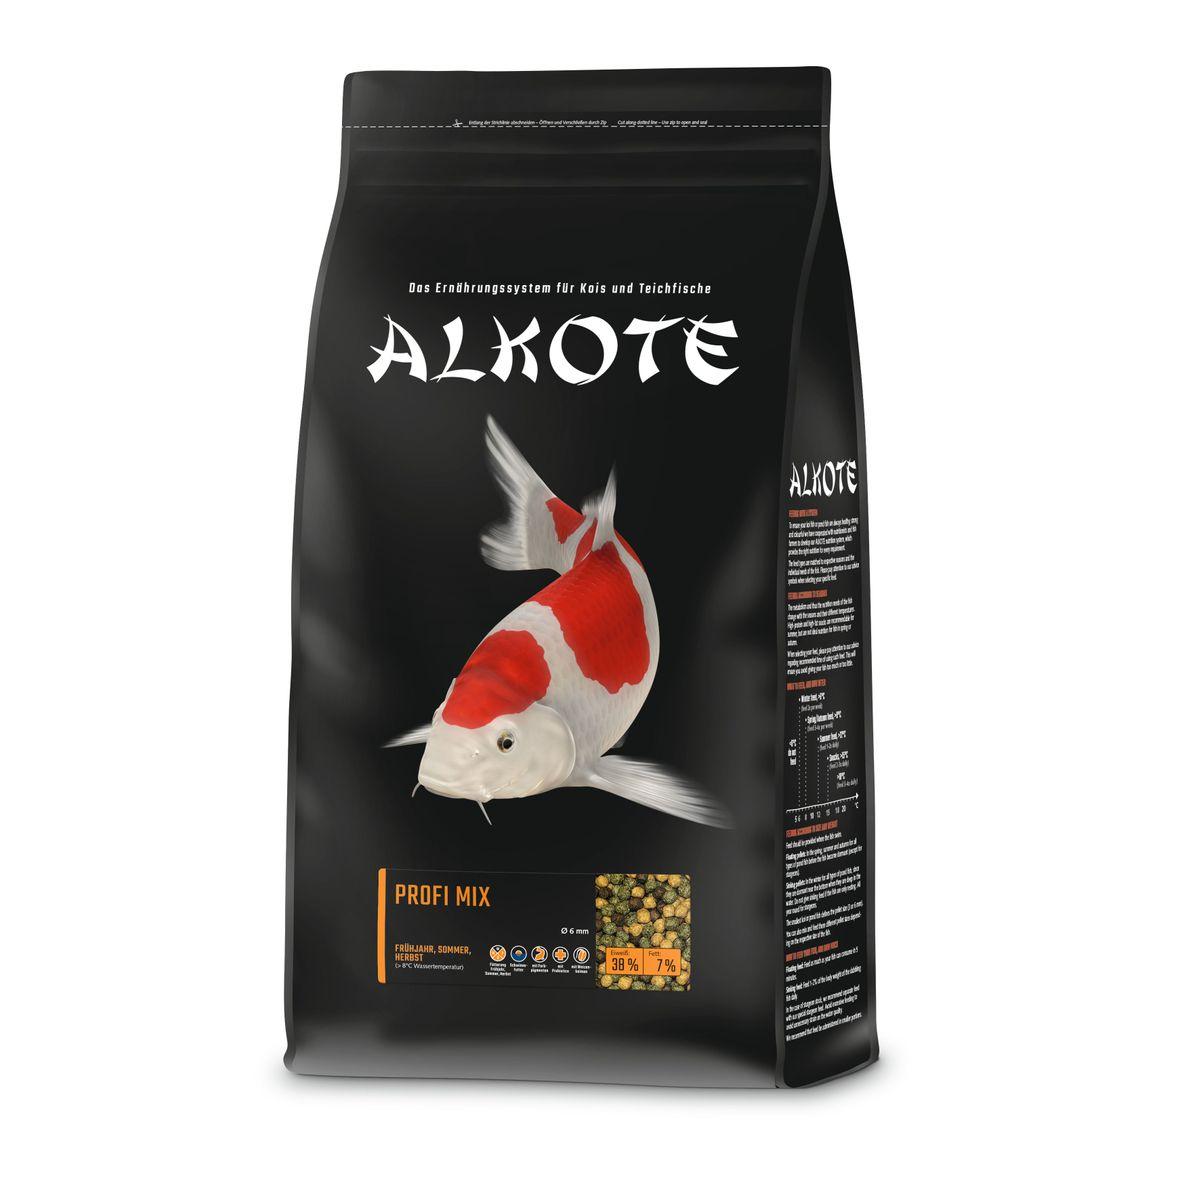 AL-KO-TE Profi-Mix 6mm | 3kg Allco Koinahrung, Koifutter